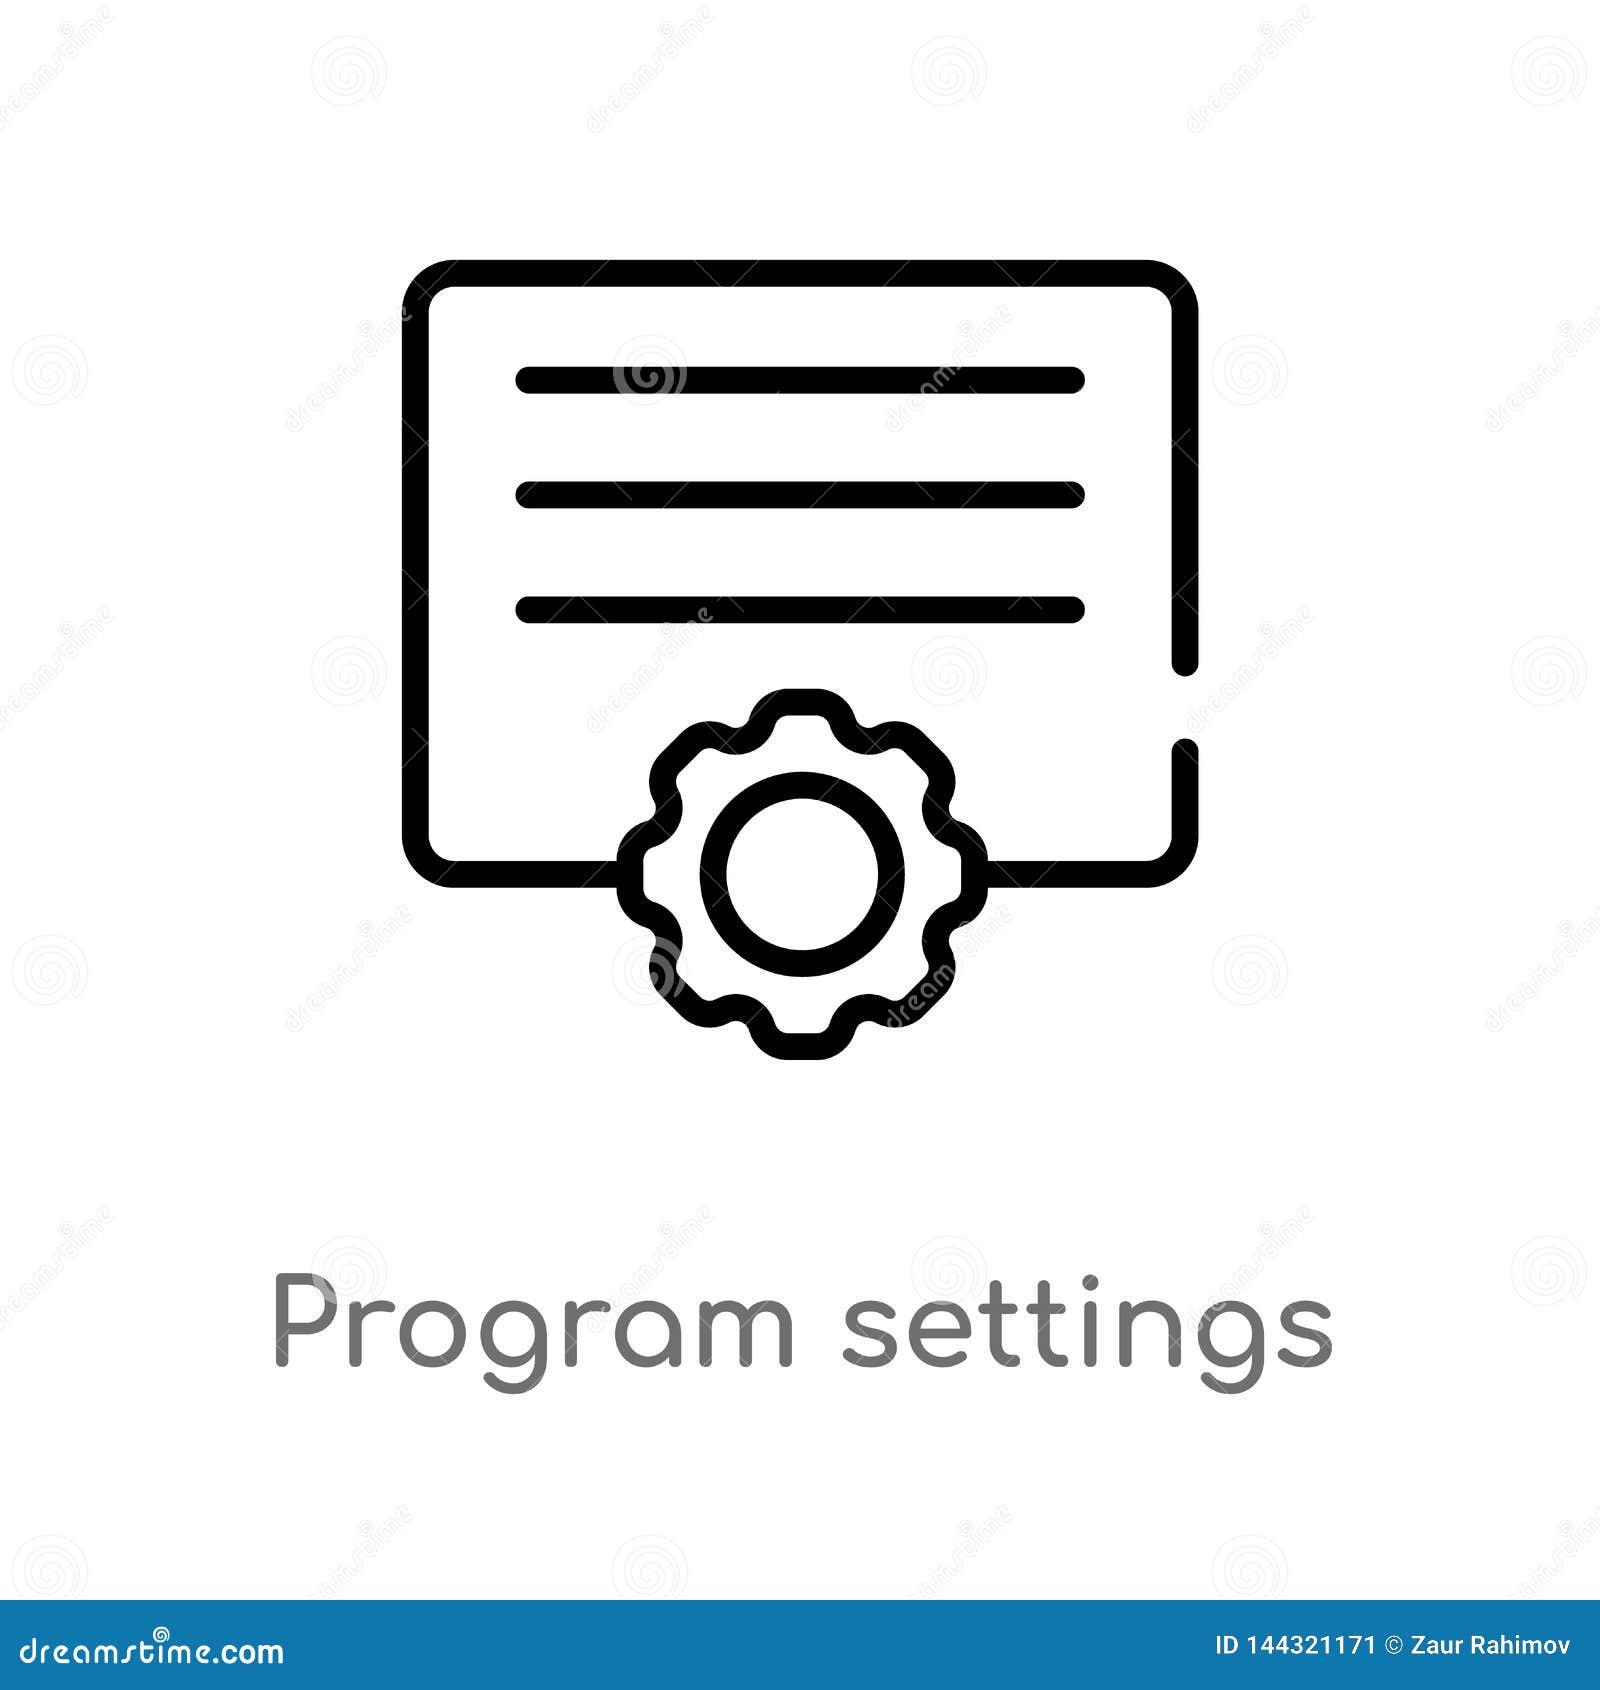 ícone do vetor dos ajustes do programa de esboço linha simples preta isolada ilustração do elemento do conceito das ferramentas e